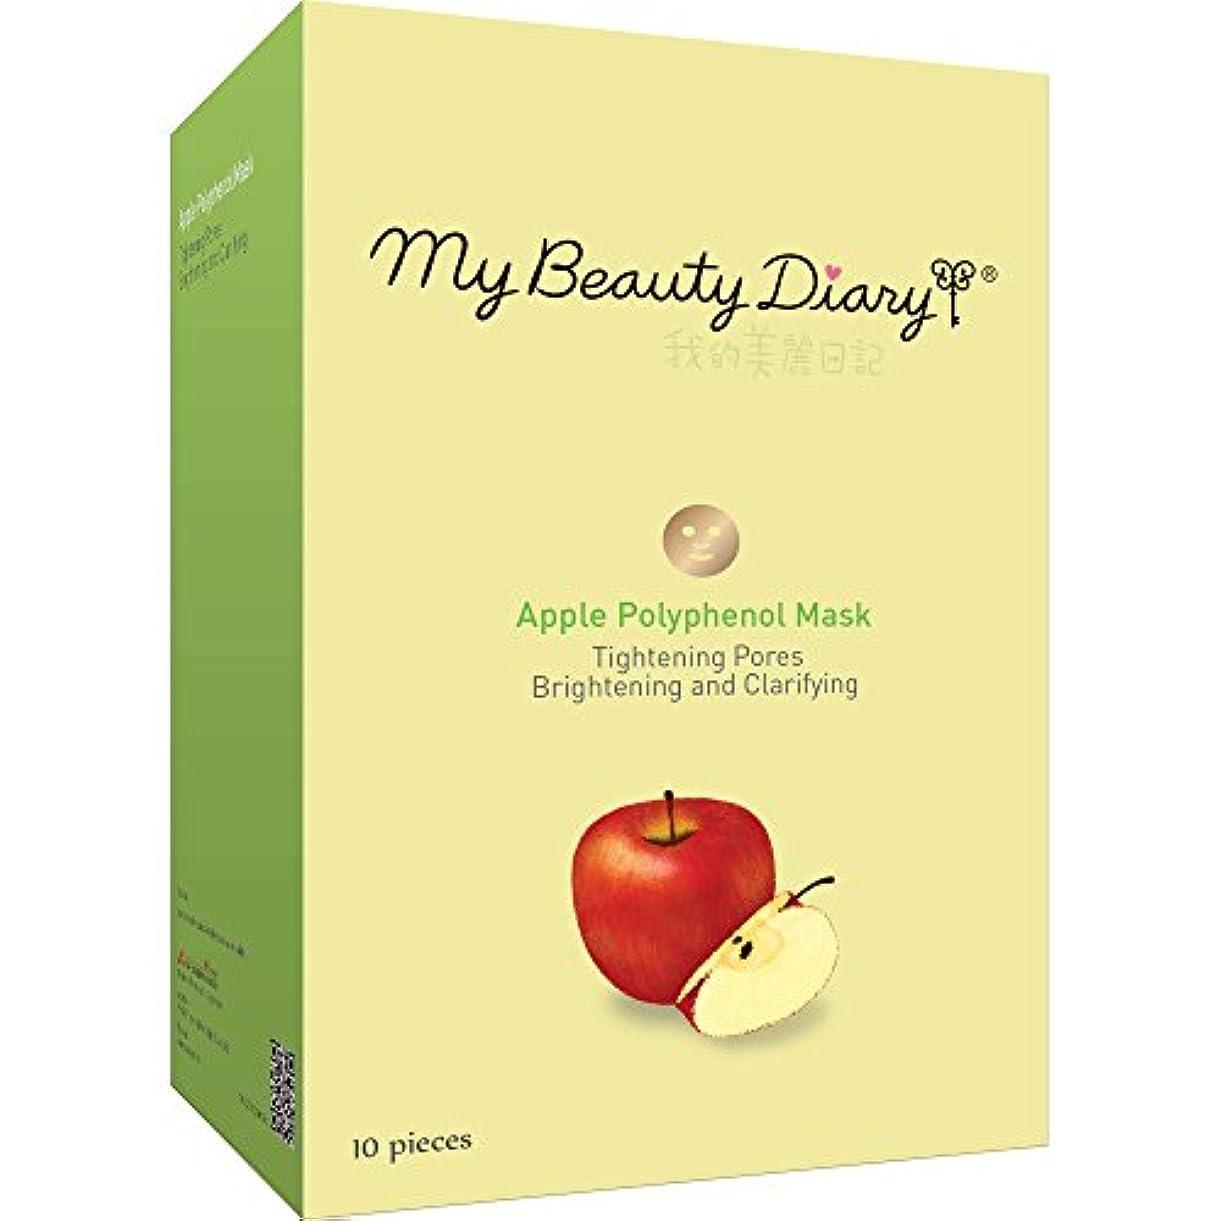 作ります実施する忠実なMy Beauty Diary フェイシャルマスク、アップルポリフェノール2015、10カウント